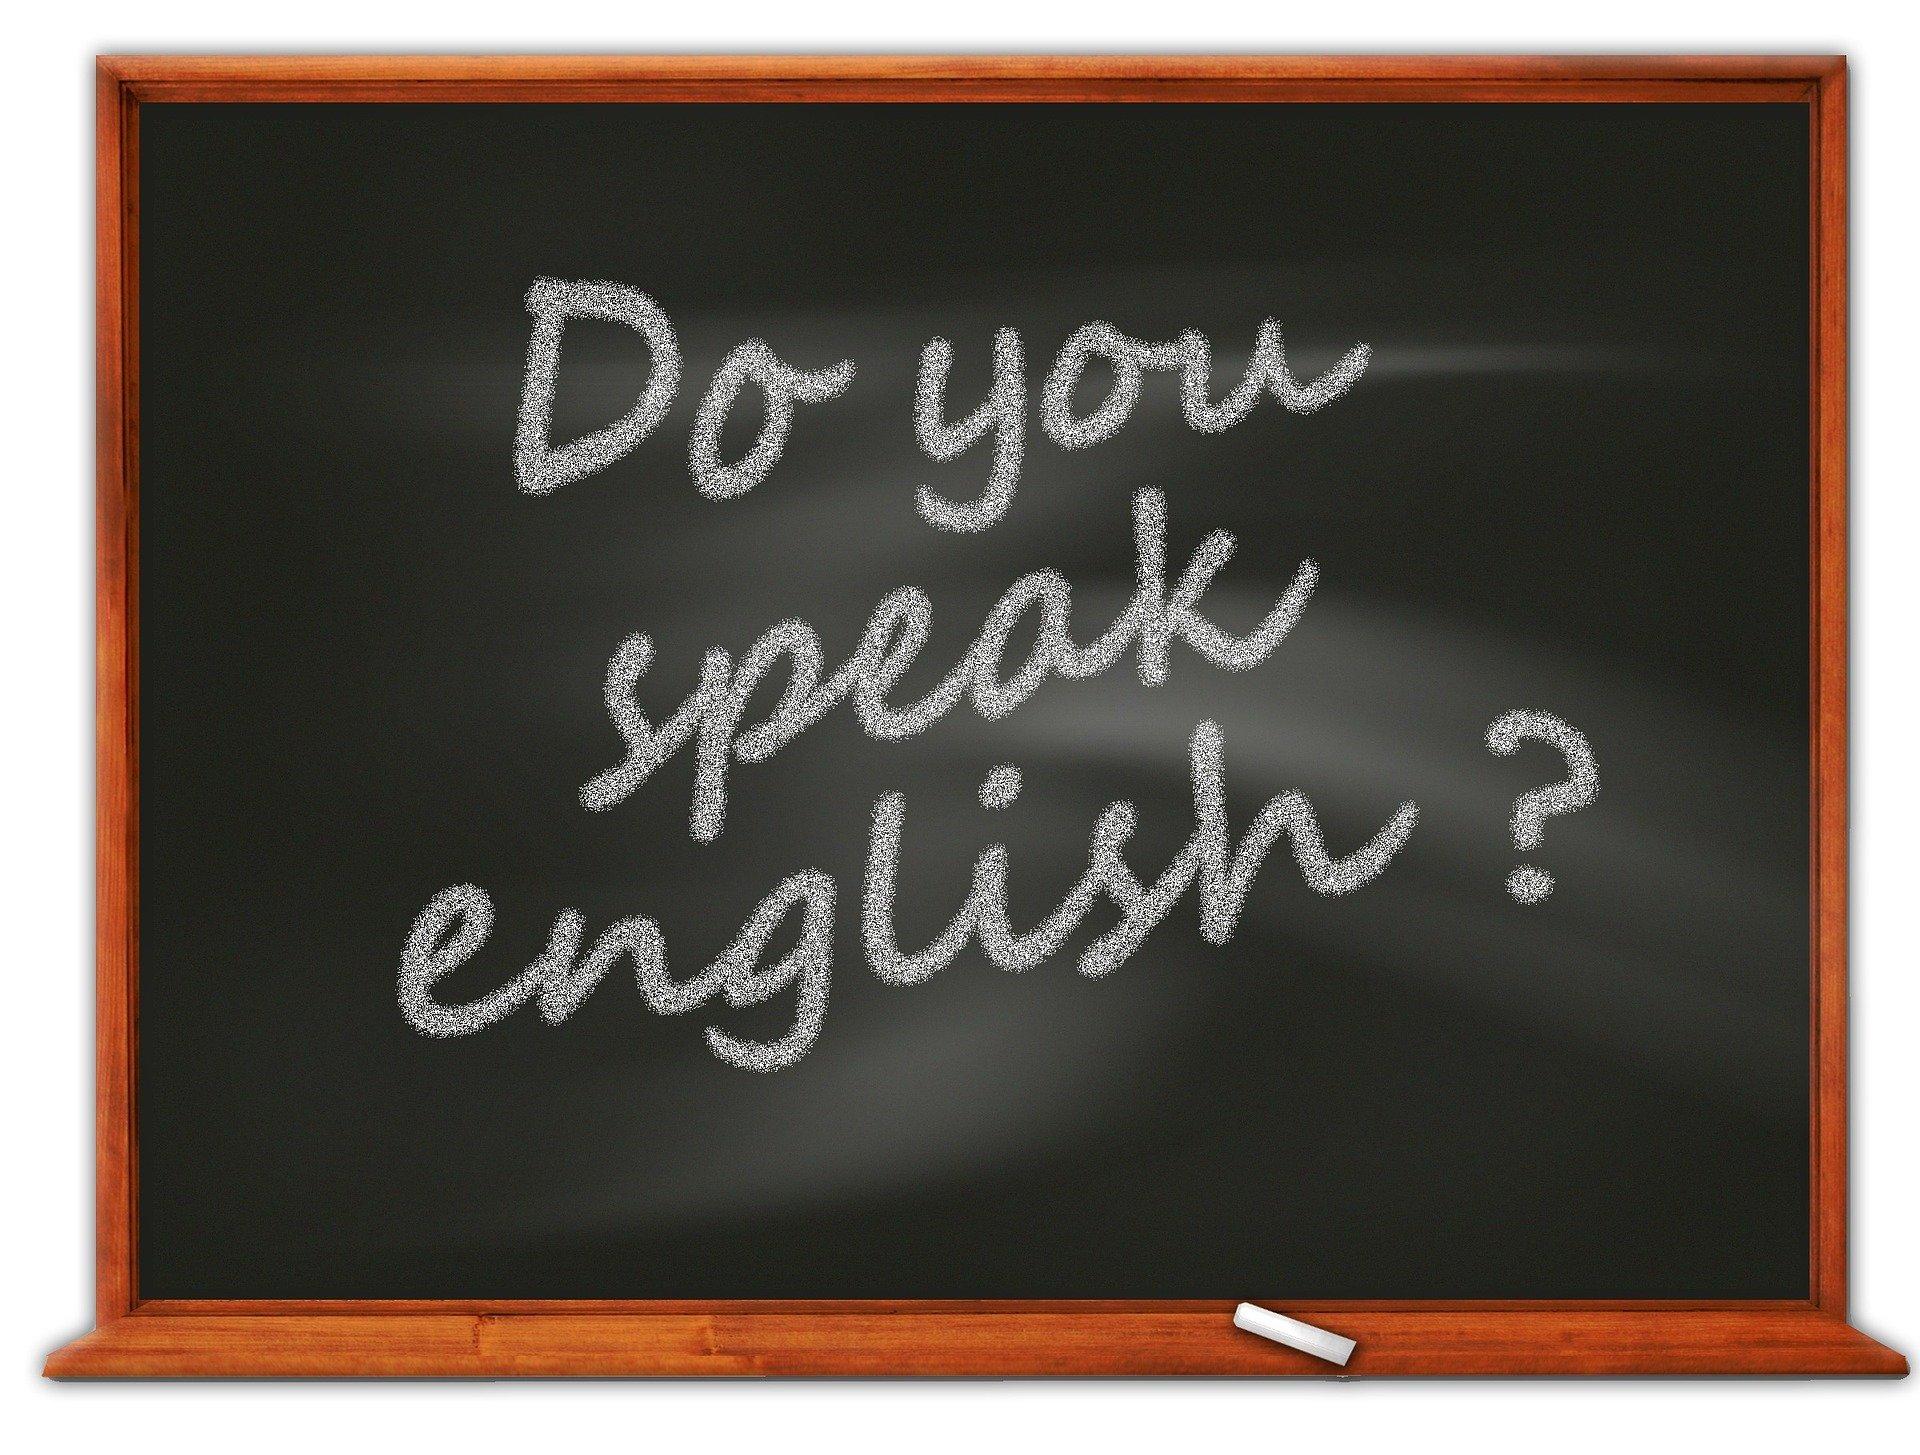 Język obcy dla najmłodszych – kiedy i jak zacząć naukę?